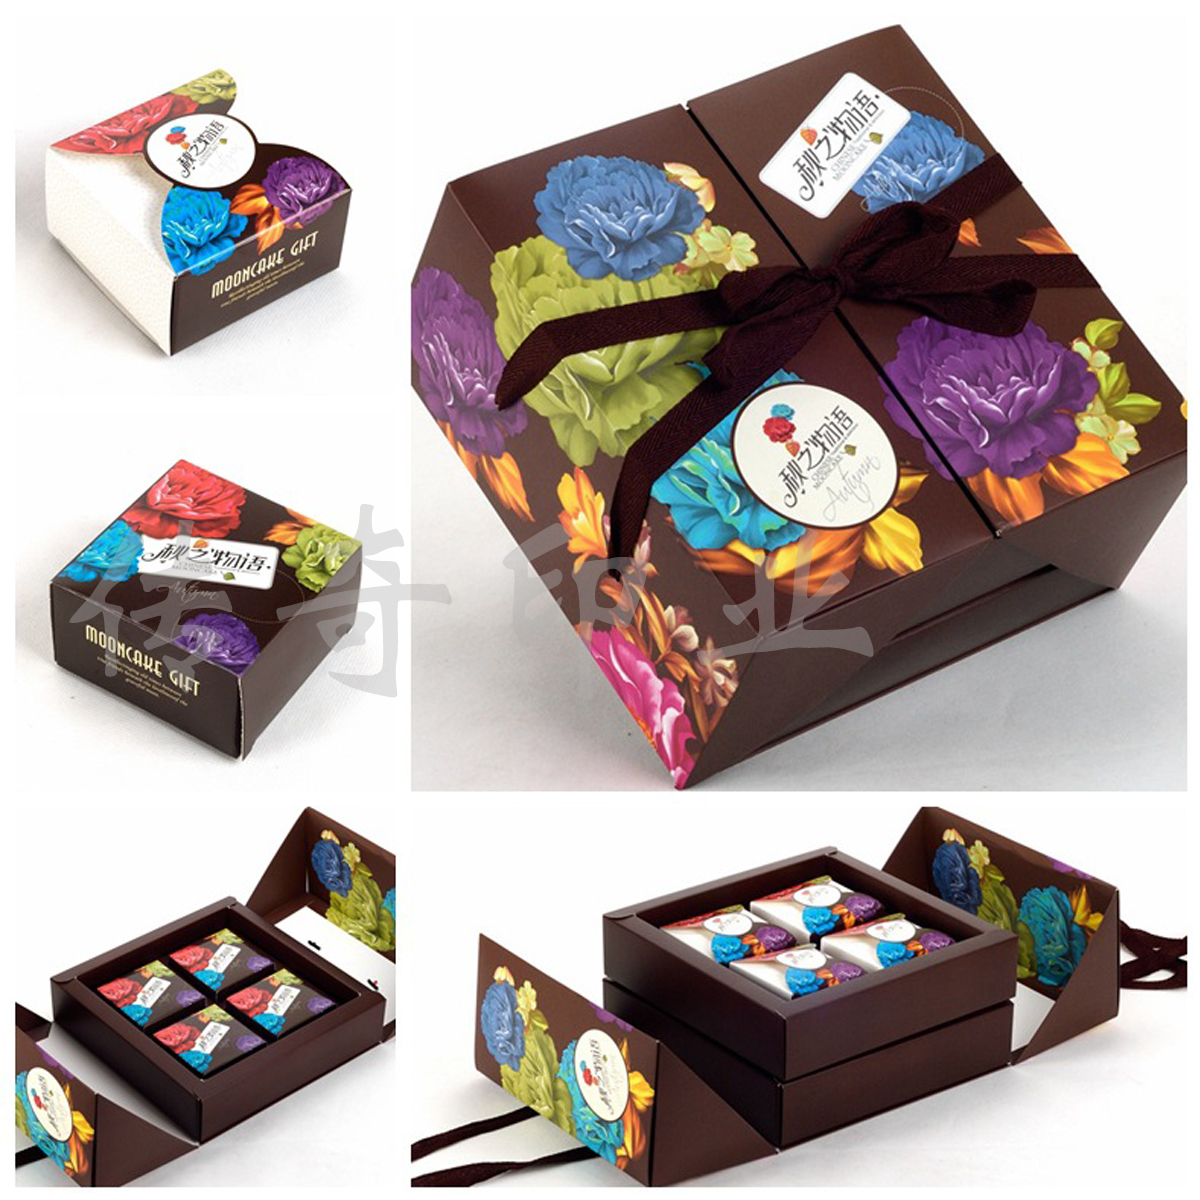 leta 2017 prvorazrednega torto embalaži mehko škatlo, jajčni rumenjak, west point, škatla z jesenskim darilna škatla po naročilu in luna škatle.